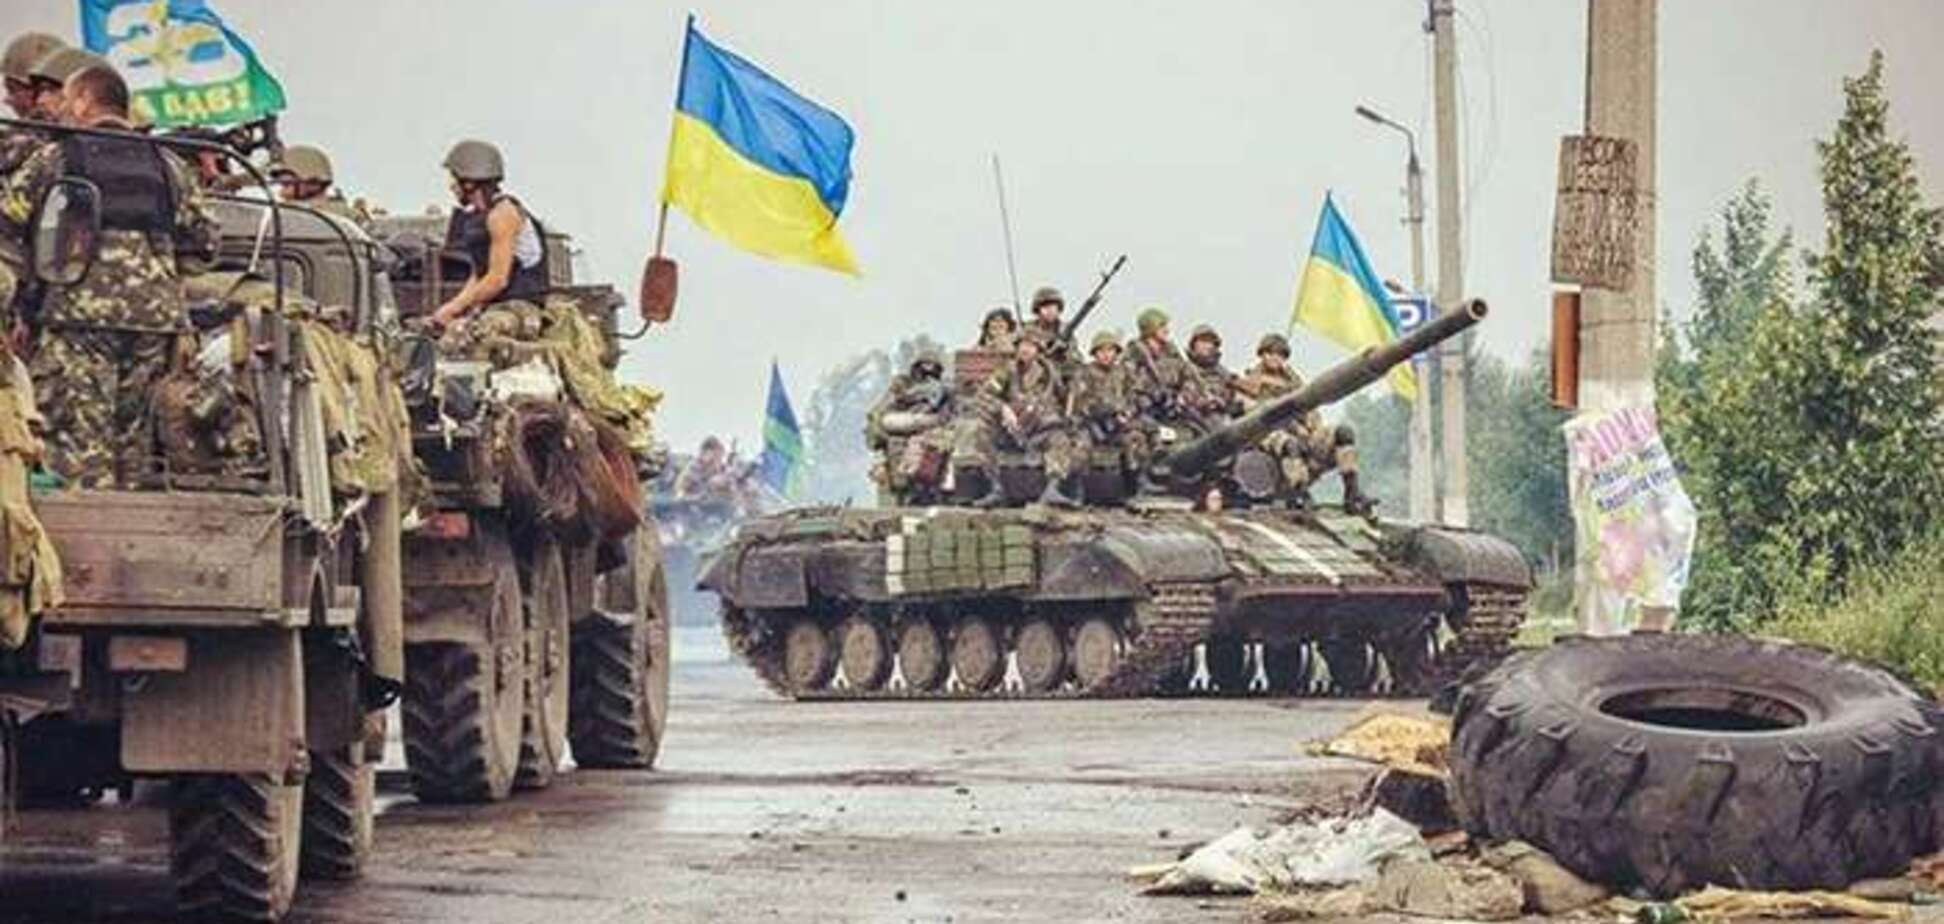 Я не верю в мир при путинском режиме